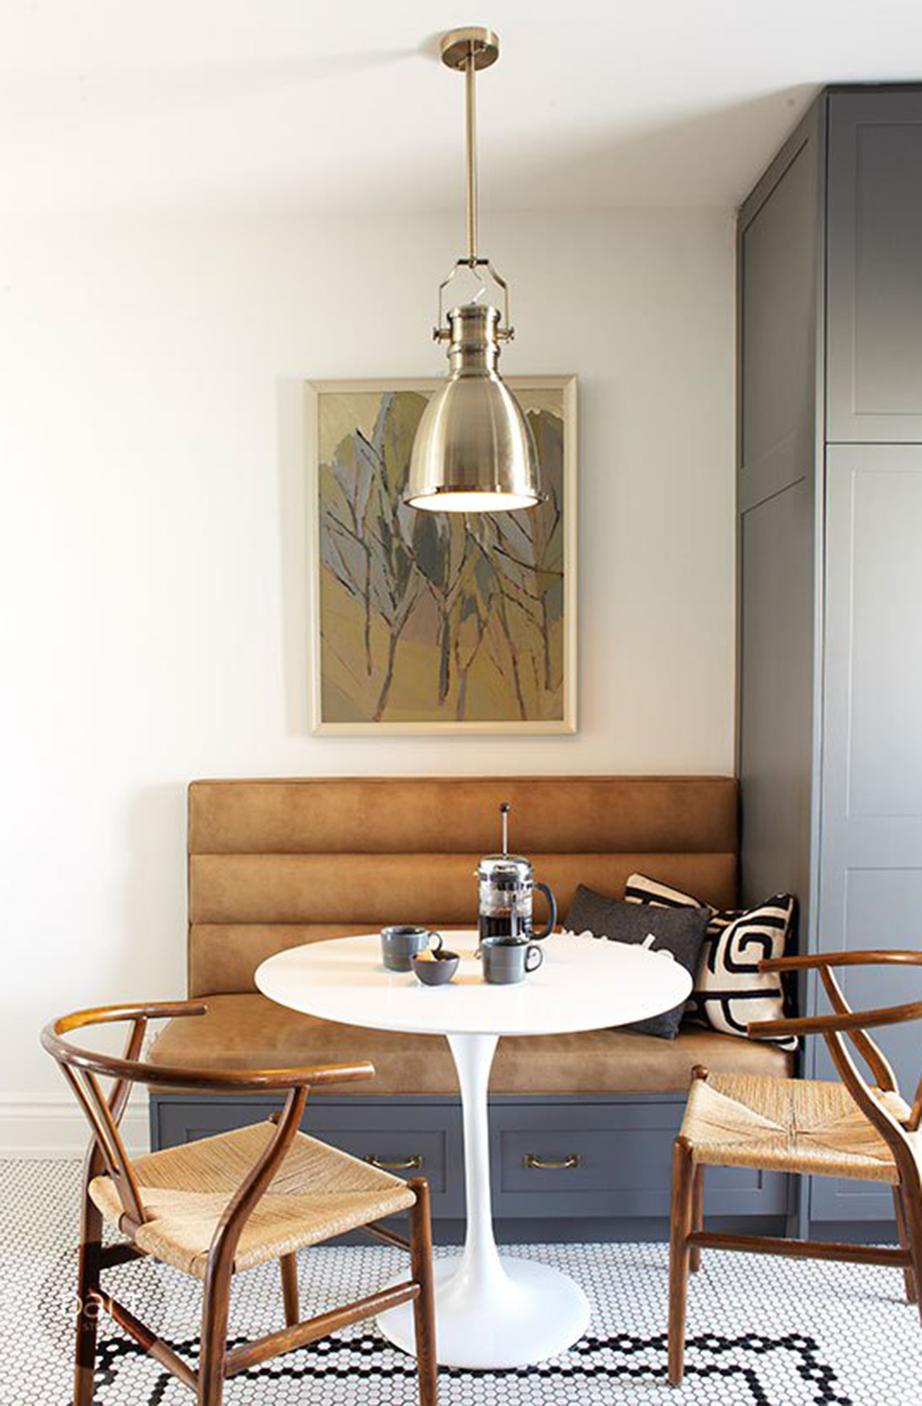 Εντειχιζόμενο έπιπλο με αποθηκευτικό χώρο στην ίδια απόχρωση με τα υπόλοιπα έπιπλα της κουζίνας και δερμάτινα καφέ καθίσματα αντικαθιστούν μαζί με το λευκό τραπέζι και τις ξύλινες καρέκλες την παλιά τραπεζαρία της κουζίνας.